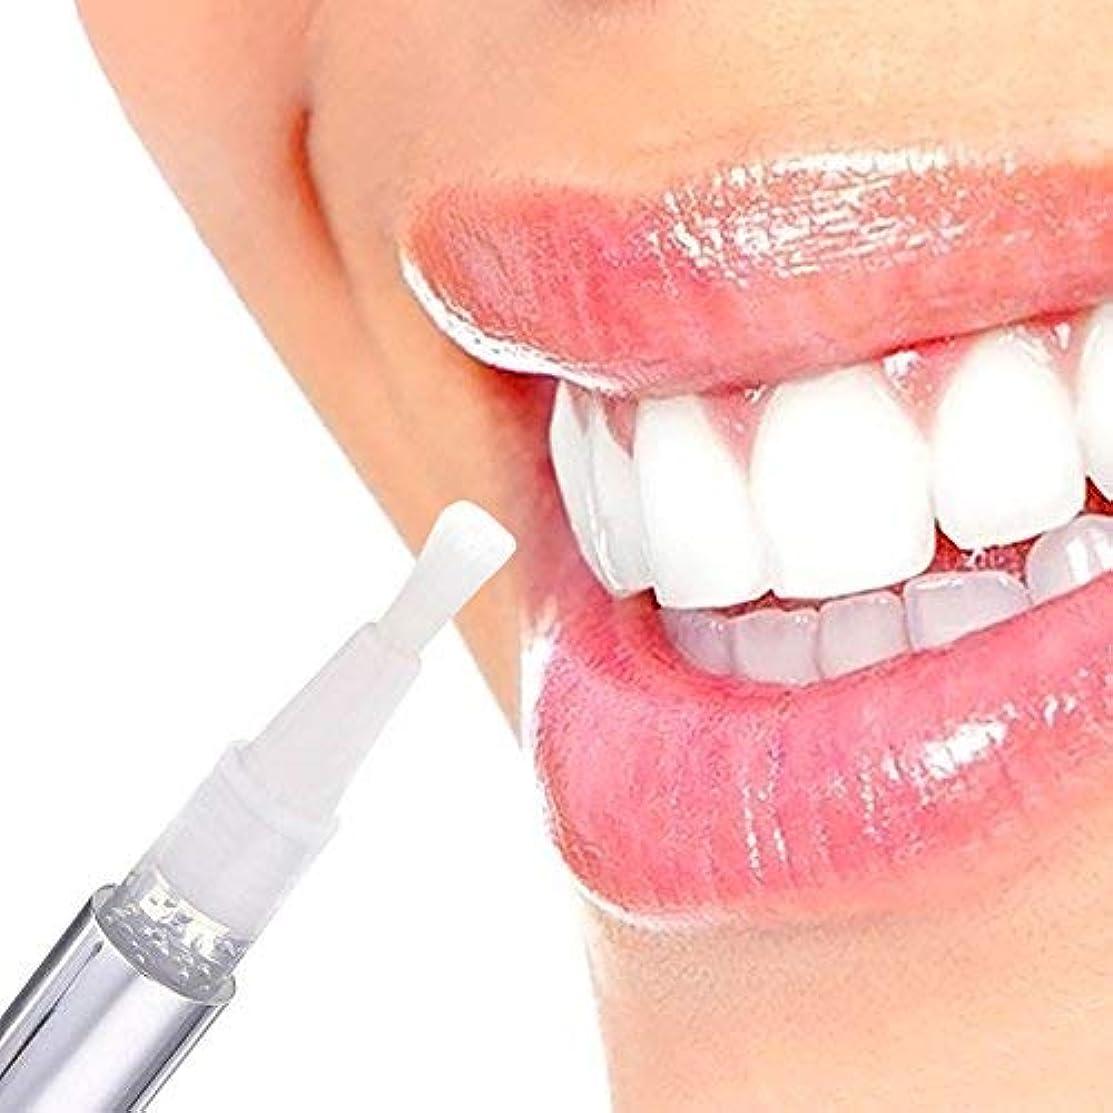 驚かす理想的にはガロンNat 1PCS Hot Creative Effective Teeth Whitening Pen Tooth Gel Whitener Bleach Stain Eraser Sexy Celebrity Smile...